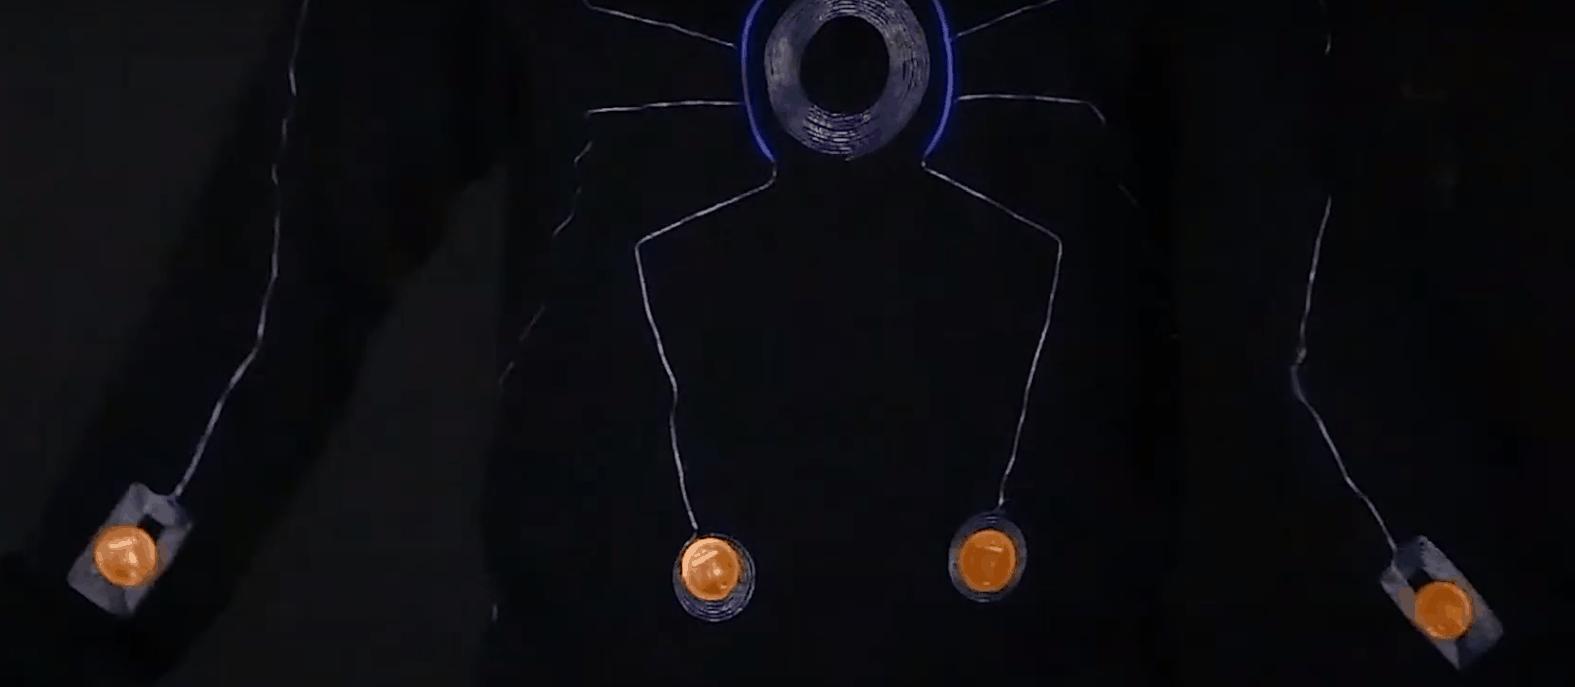 Smart suit sensors